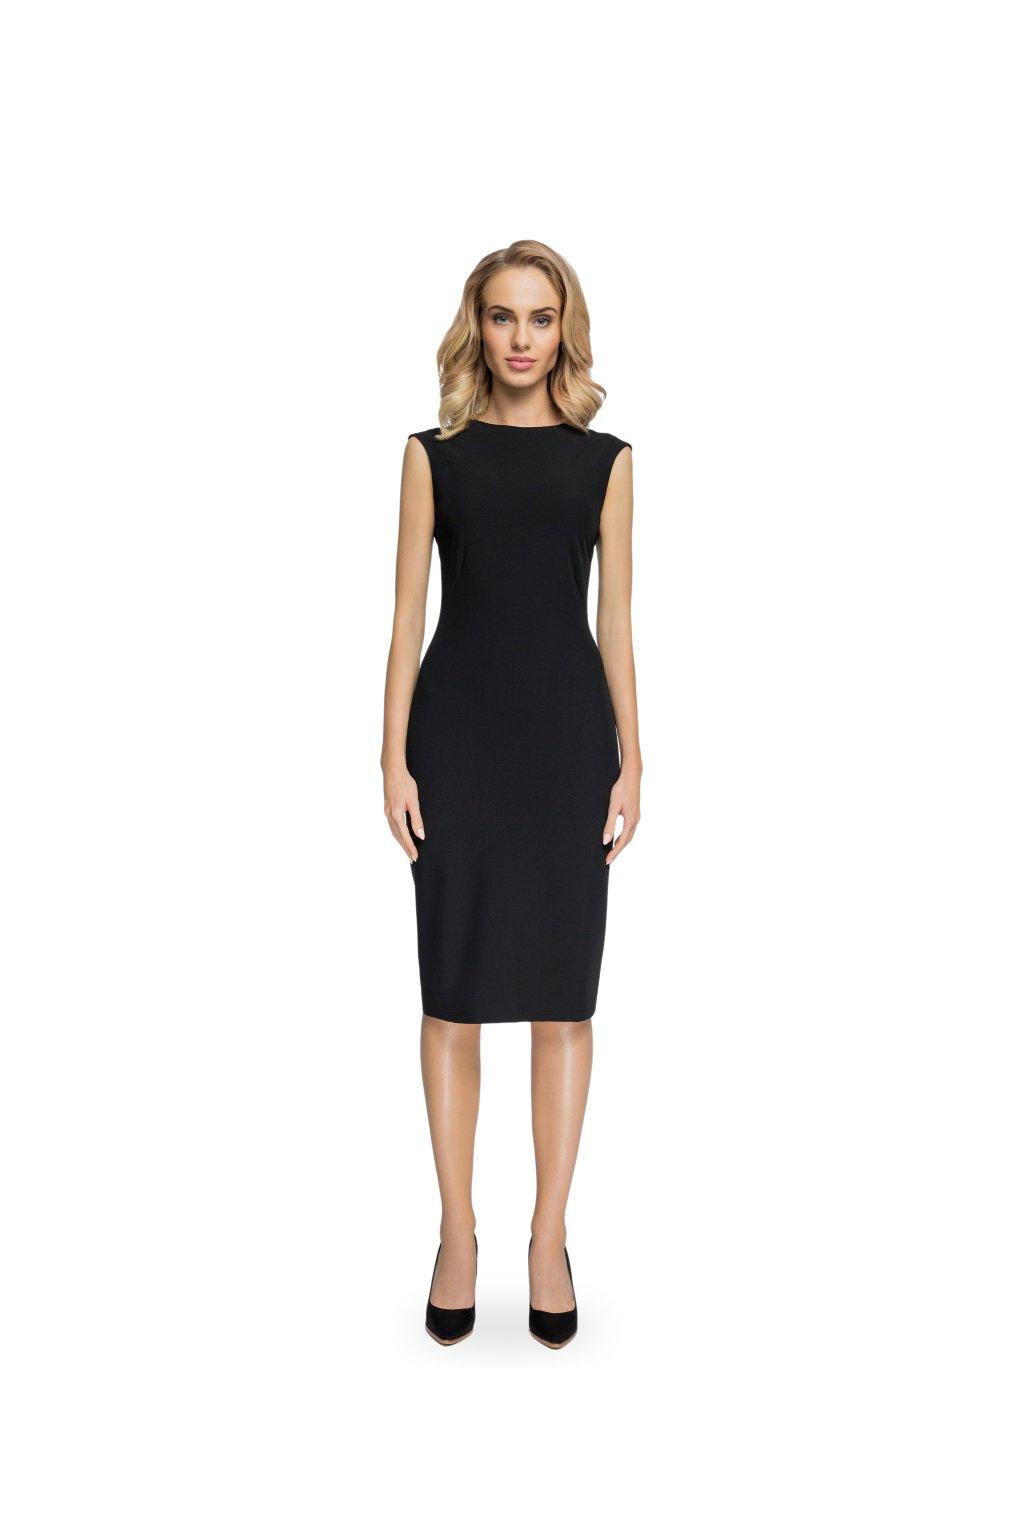 e367e5df799 Elegantní pouzdrové šaty Style S080 černé - SD-Fashion.cz